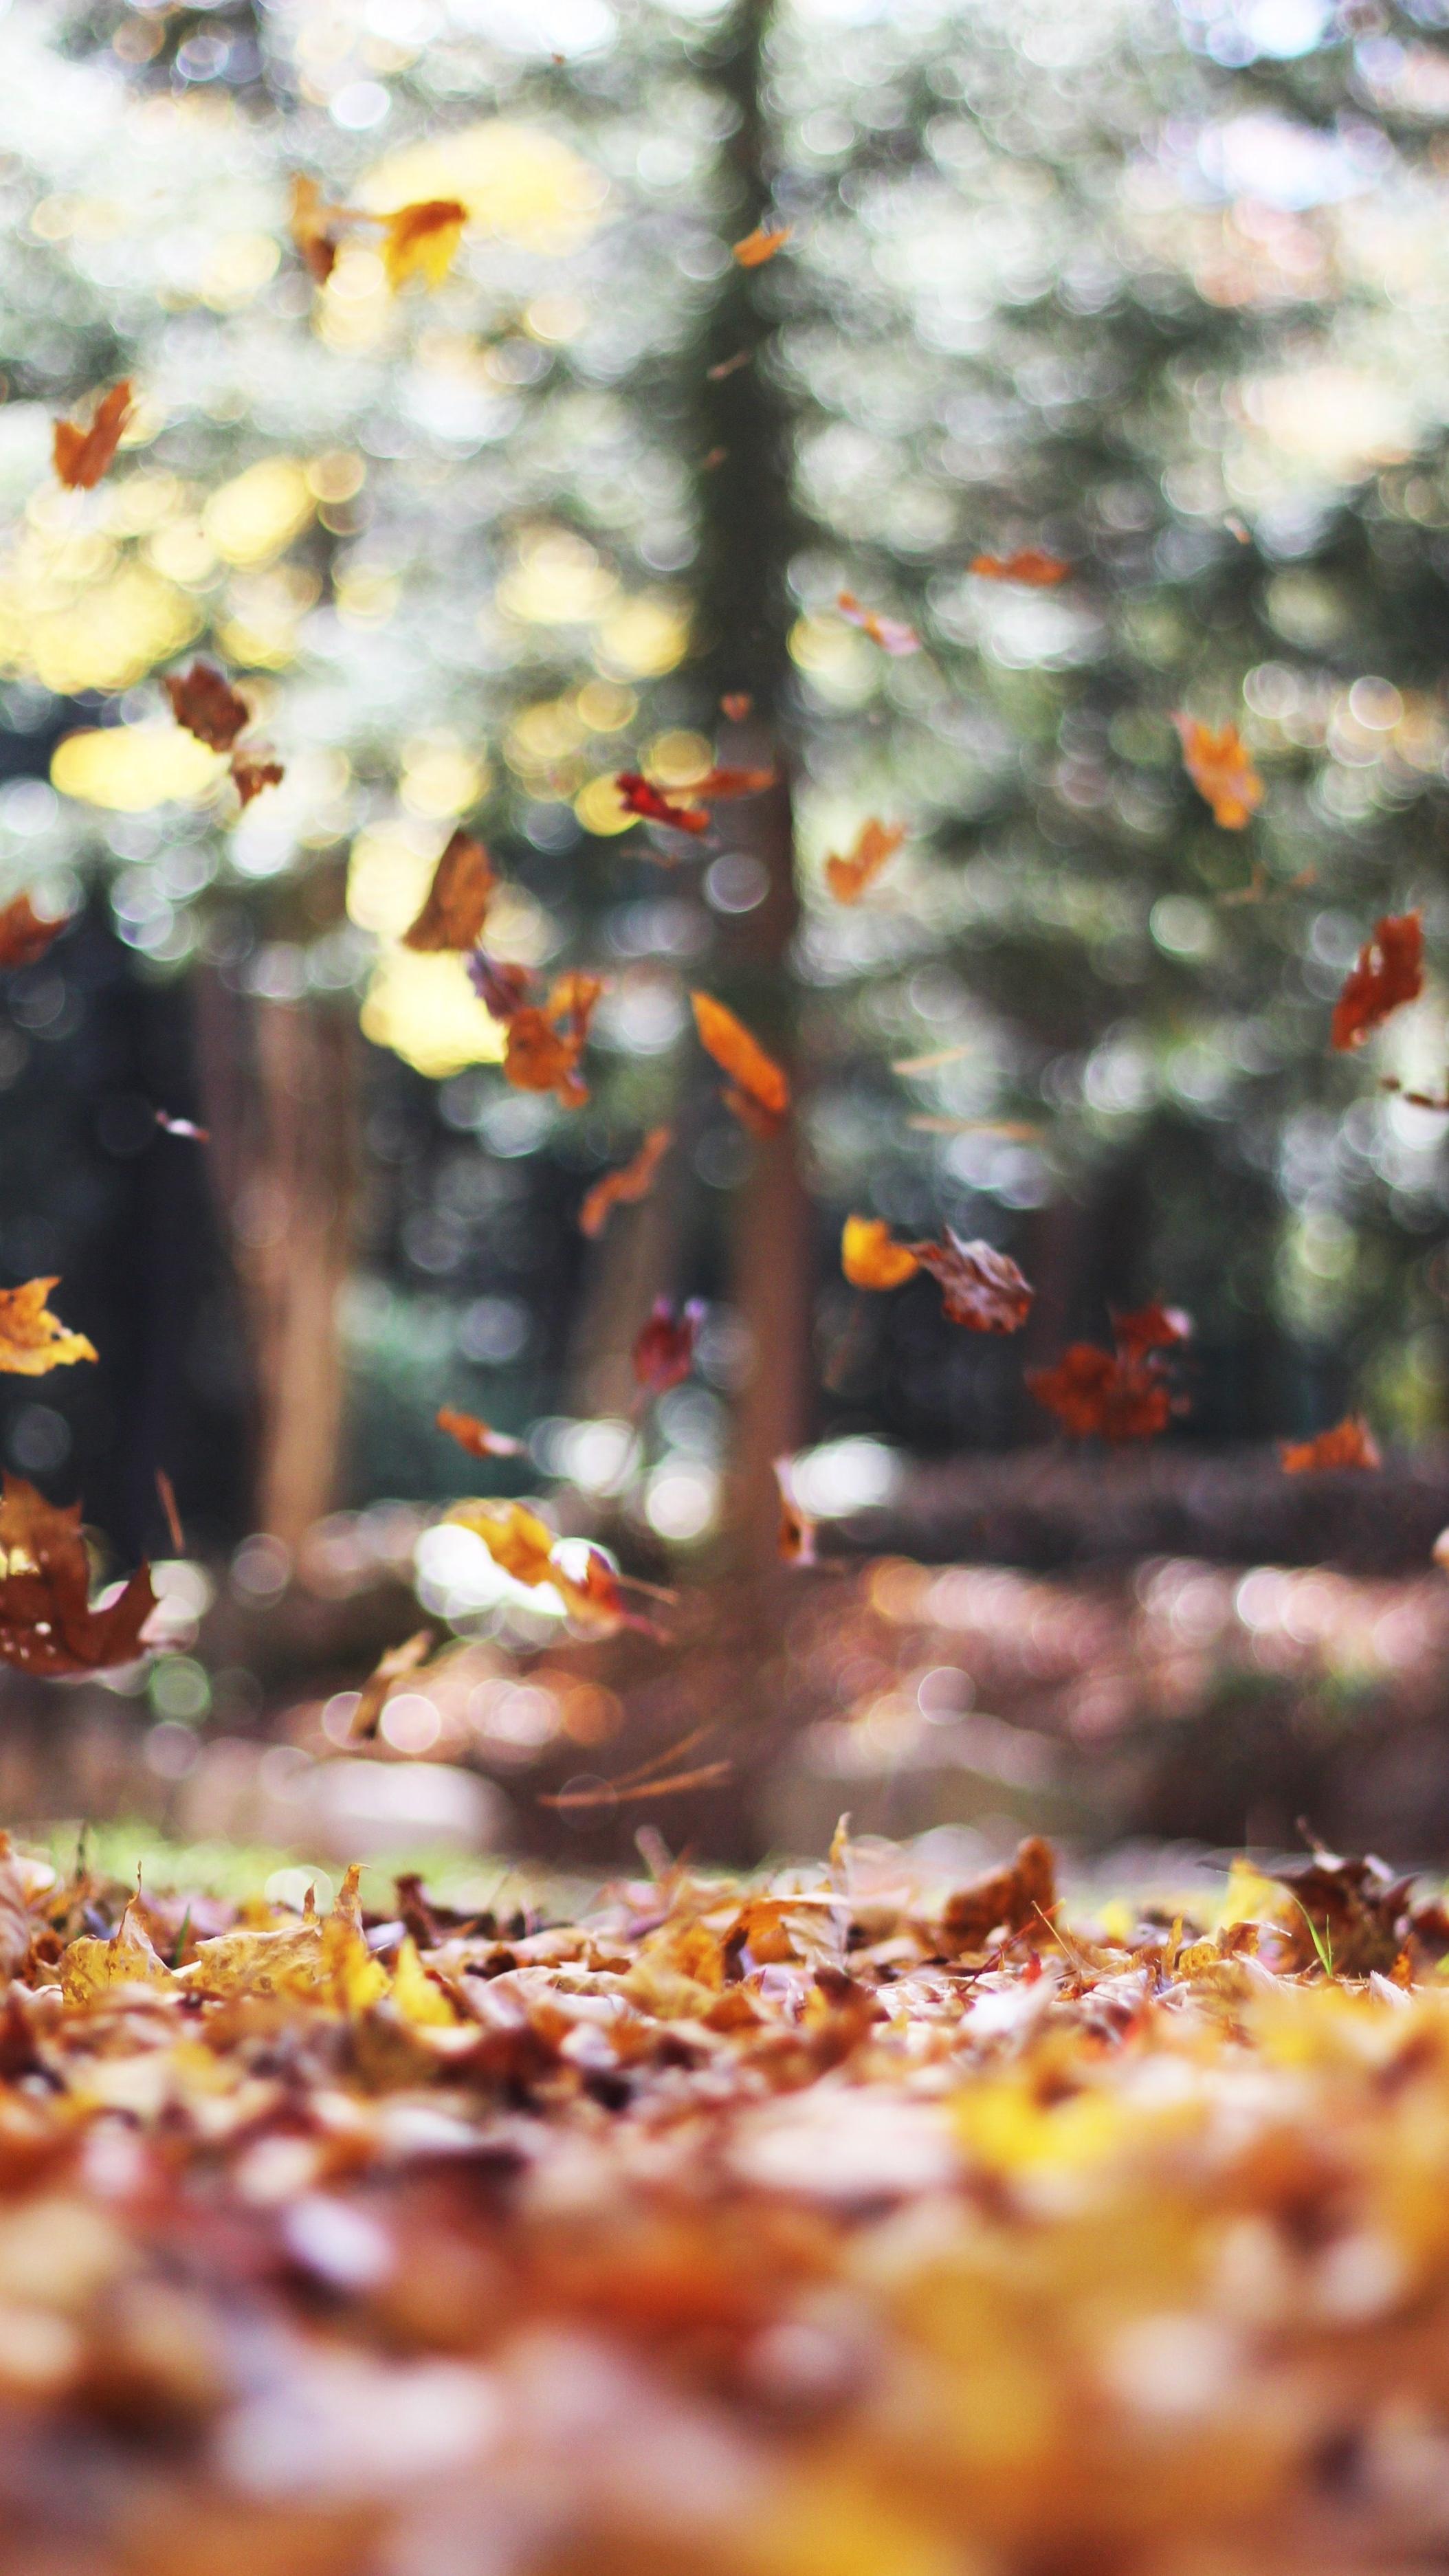 DOBBIAMO SAPERE CHE: L'autunno è la stagione in cui i raggi UVA sono più deboli - A stimolare la produzione di melanina, sono sopratutto i raggi UVA ovvero i raggi ultra violetti lunghi. La nostra pelle non ha scampo dai raggi UVA, la particolarità di questi raggi è che oltrepassano nubi, vetri, cosmetici (come fondotinta) e le più basse protezioni solari. Questi raggi sono la causa delle Macchie Solari.Durante il periodo estivo i raggi UVA sono più potenti, mentre durante l'Autunno/Inverno diminuiscono la loro potenza. Il trattamento specifico di riduzione delle macchie richiede un periodo di tempo lungo. Deve durare tutto il periodo di ricambio della nostra pelle ovvero circa 5 mesi. L' Autunno è il momento migliore per iniziare un trattamento e combattere efficacemente le macchie. Un periodo di tempo molto lungo (Autunno e Inverno) in cui i raggi UVA sono ai minimi livelli di potenza è una tregua per la nostra pelle e un'ottimo punto di partenza per la buona riuscita del trattamento.